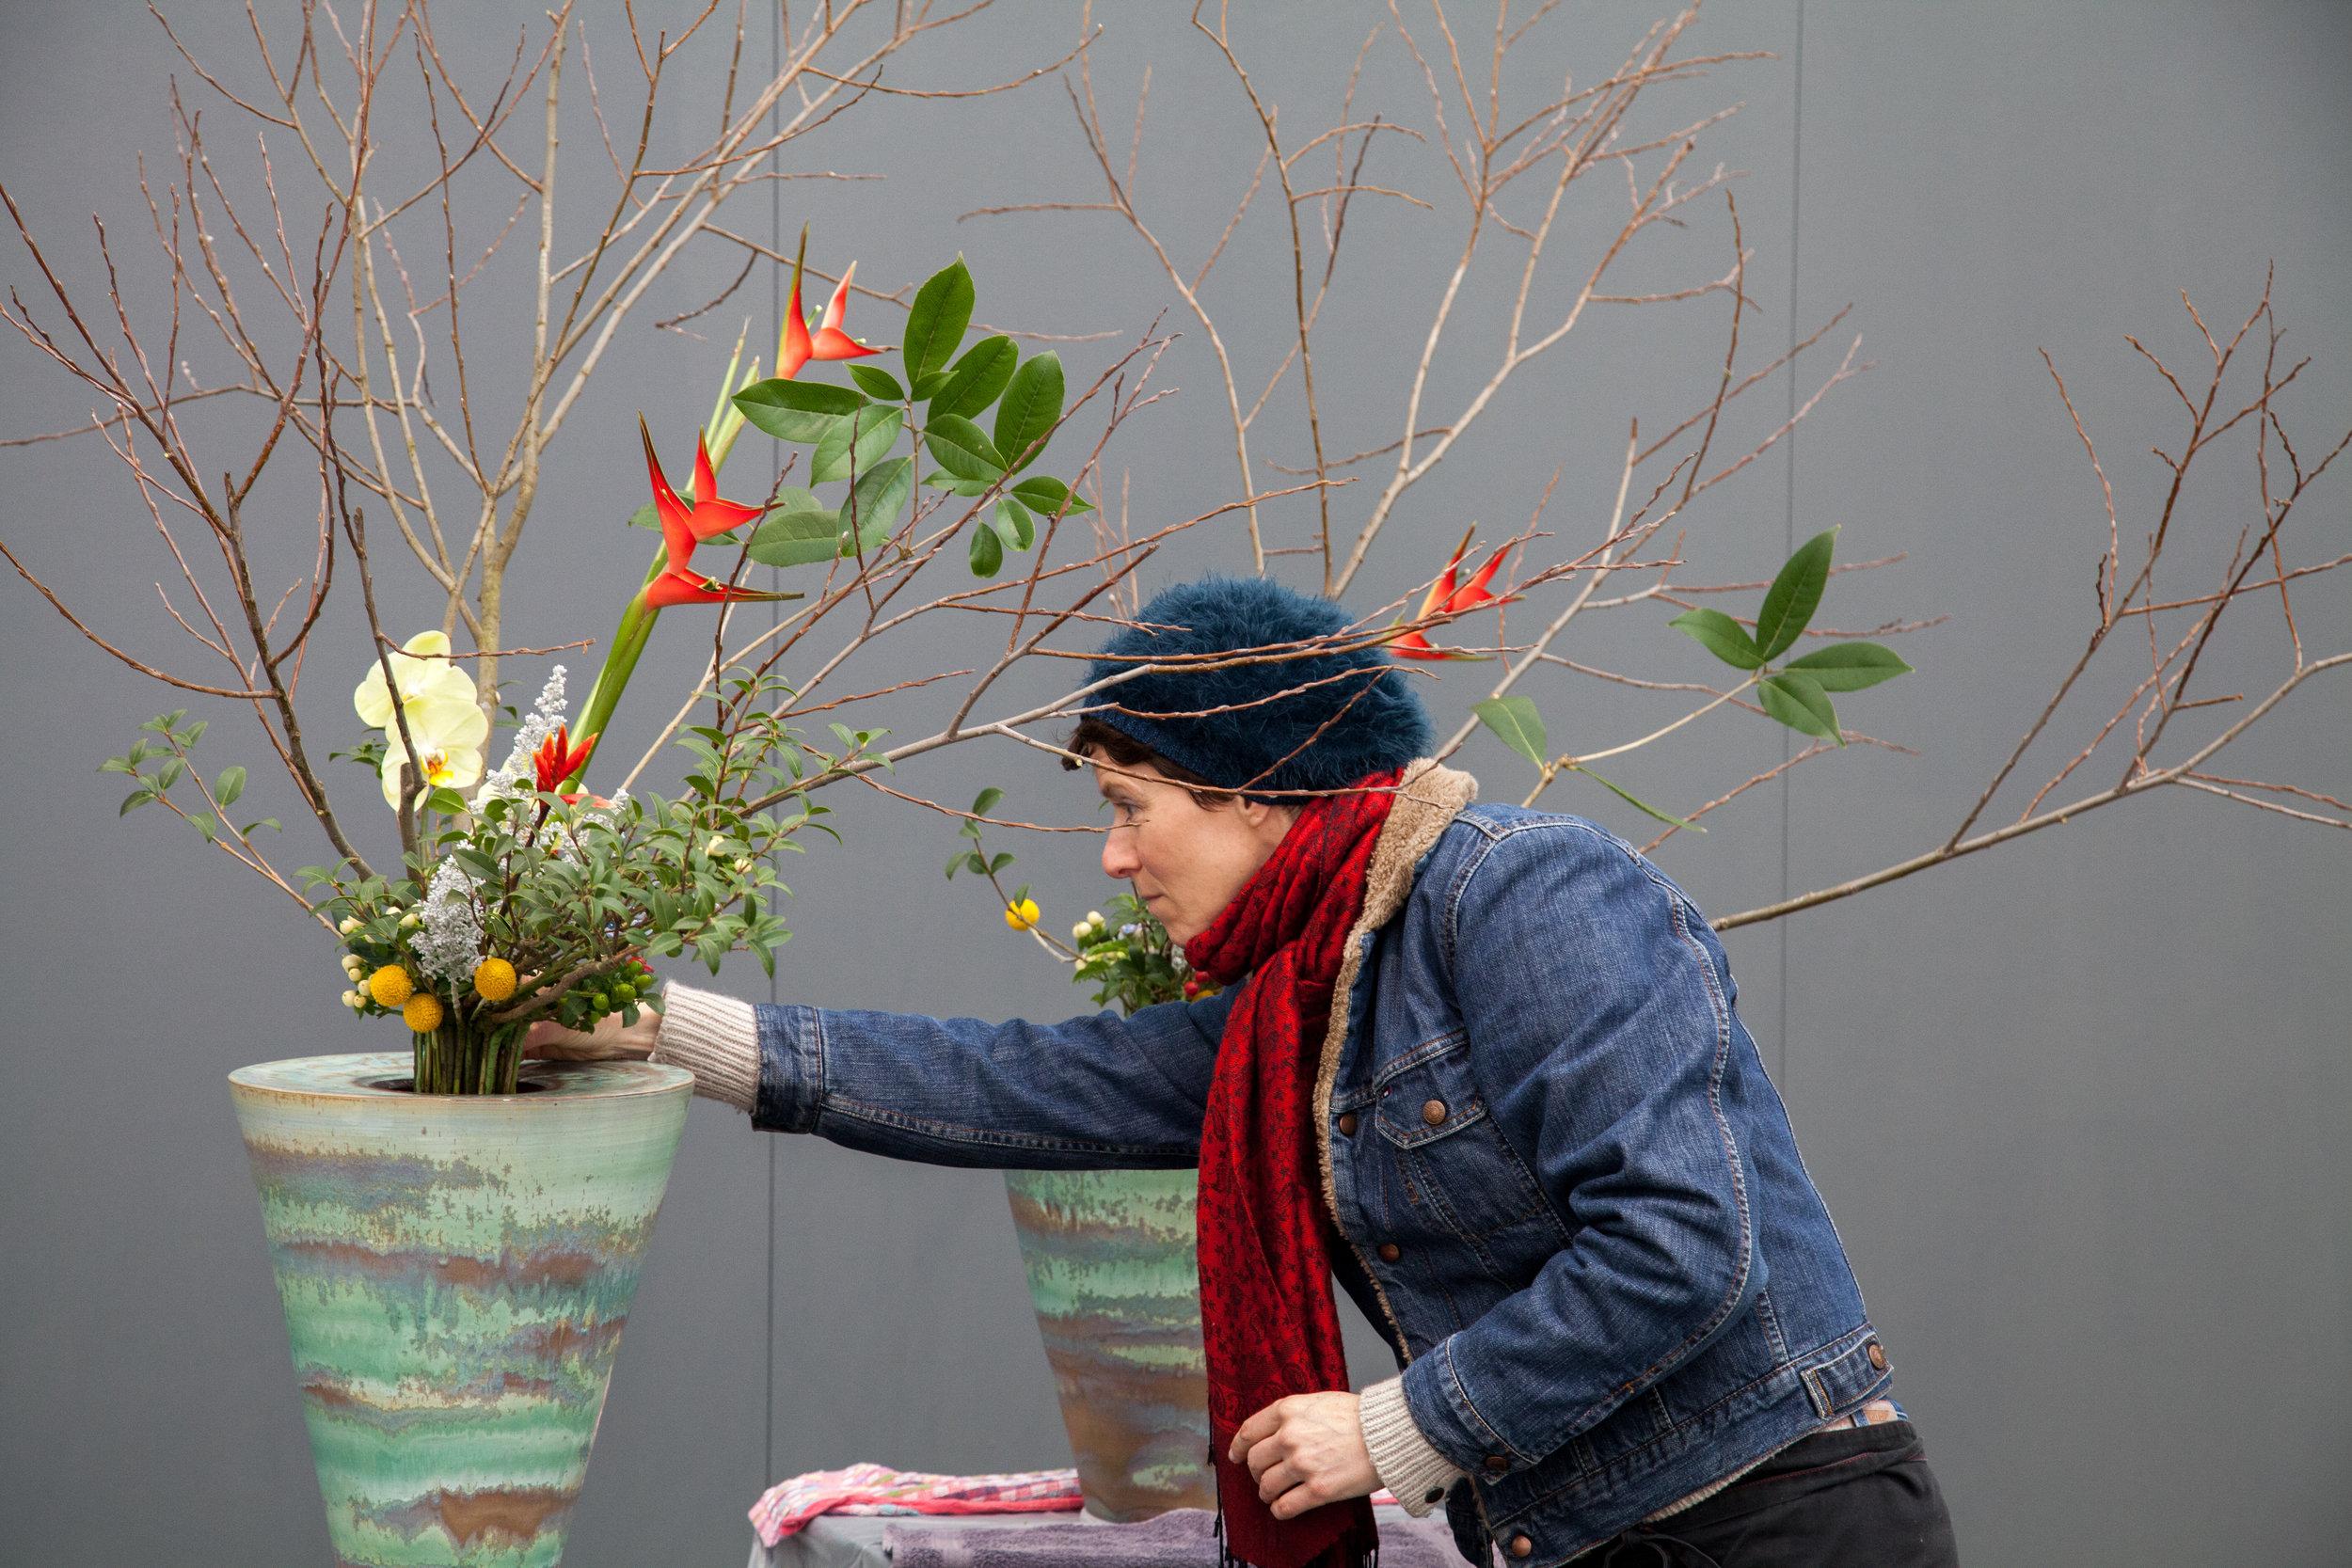 Gentse Floralien ikenobo belgie prep rikka EC - BH.jpg